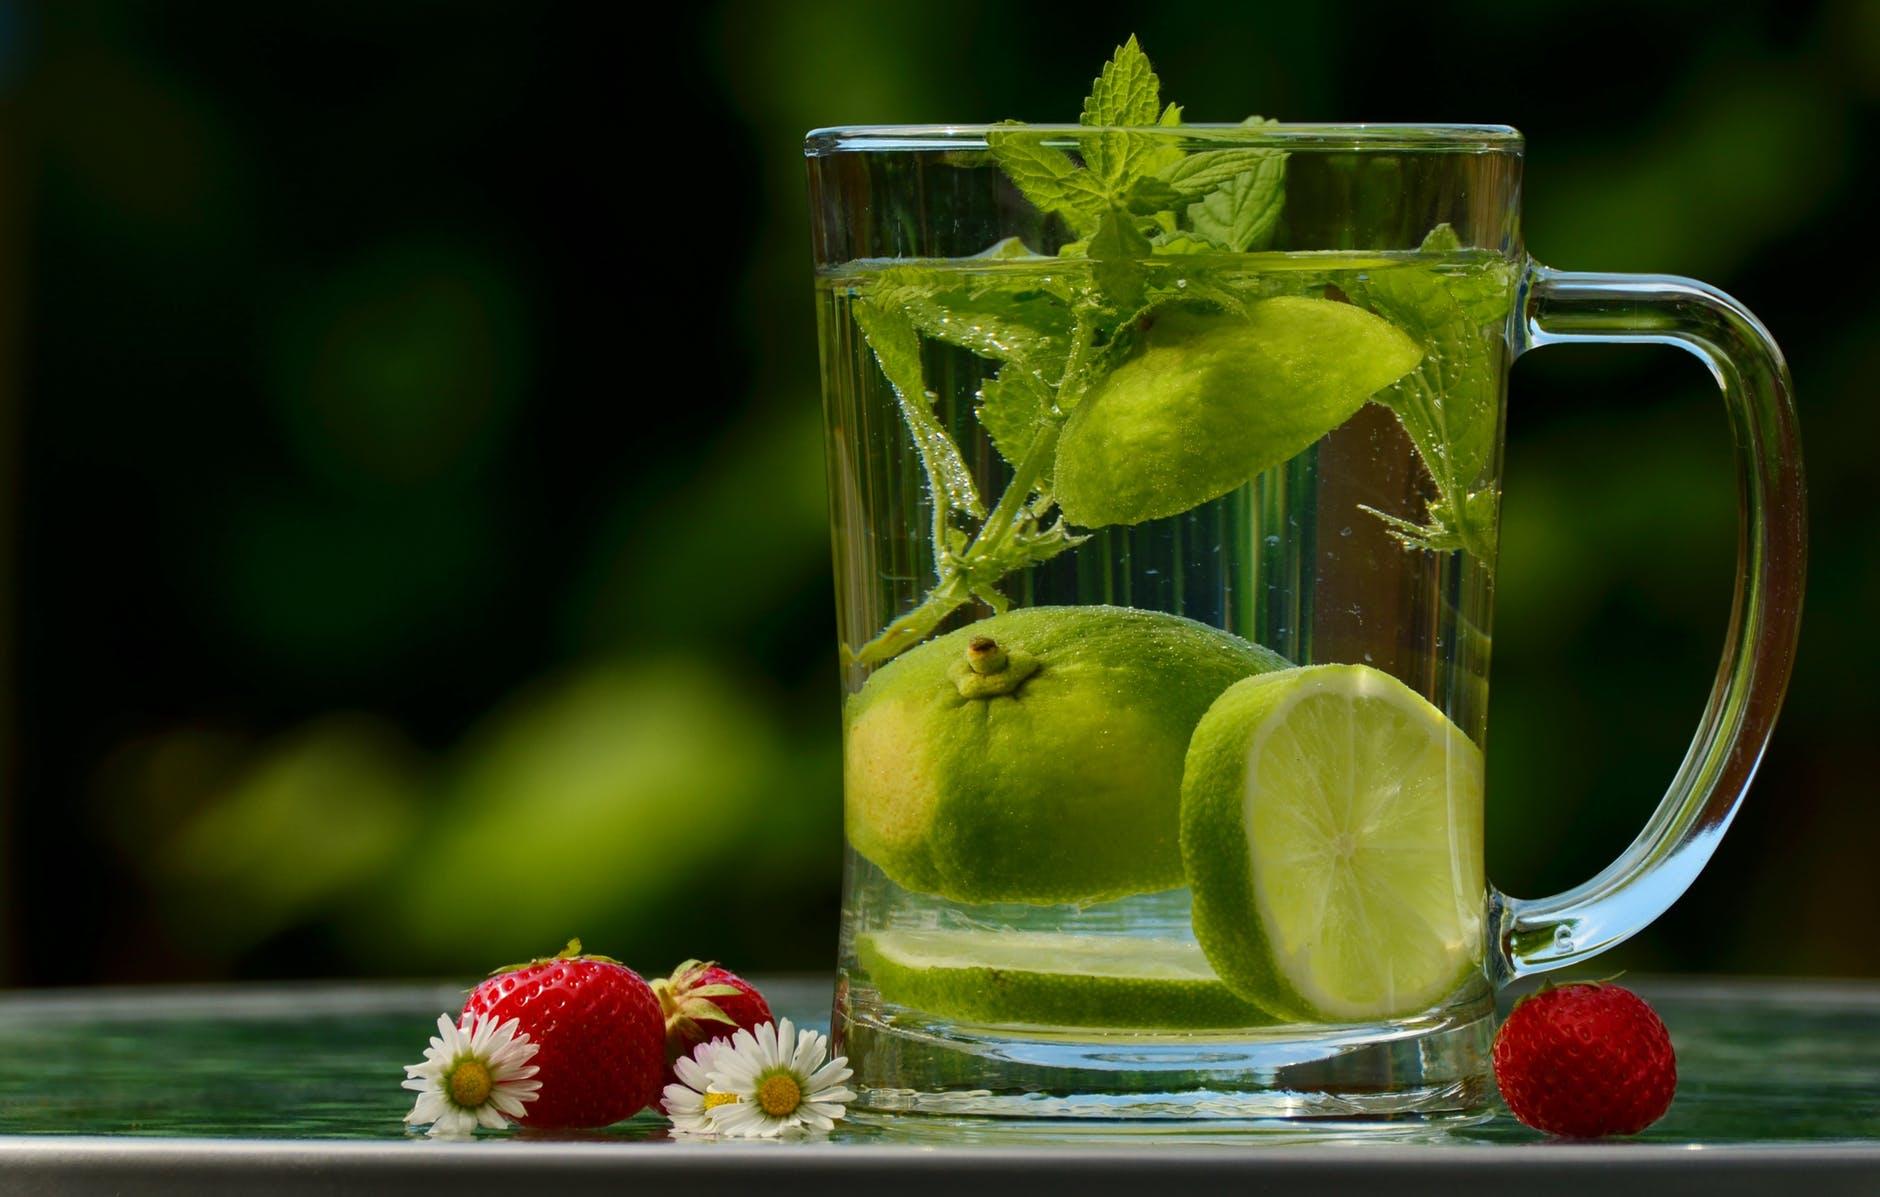 Doğadan Sağlık ile Sağlıklı Yaşam